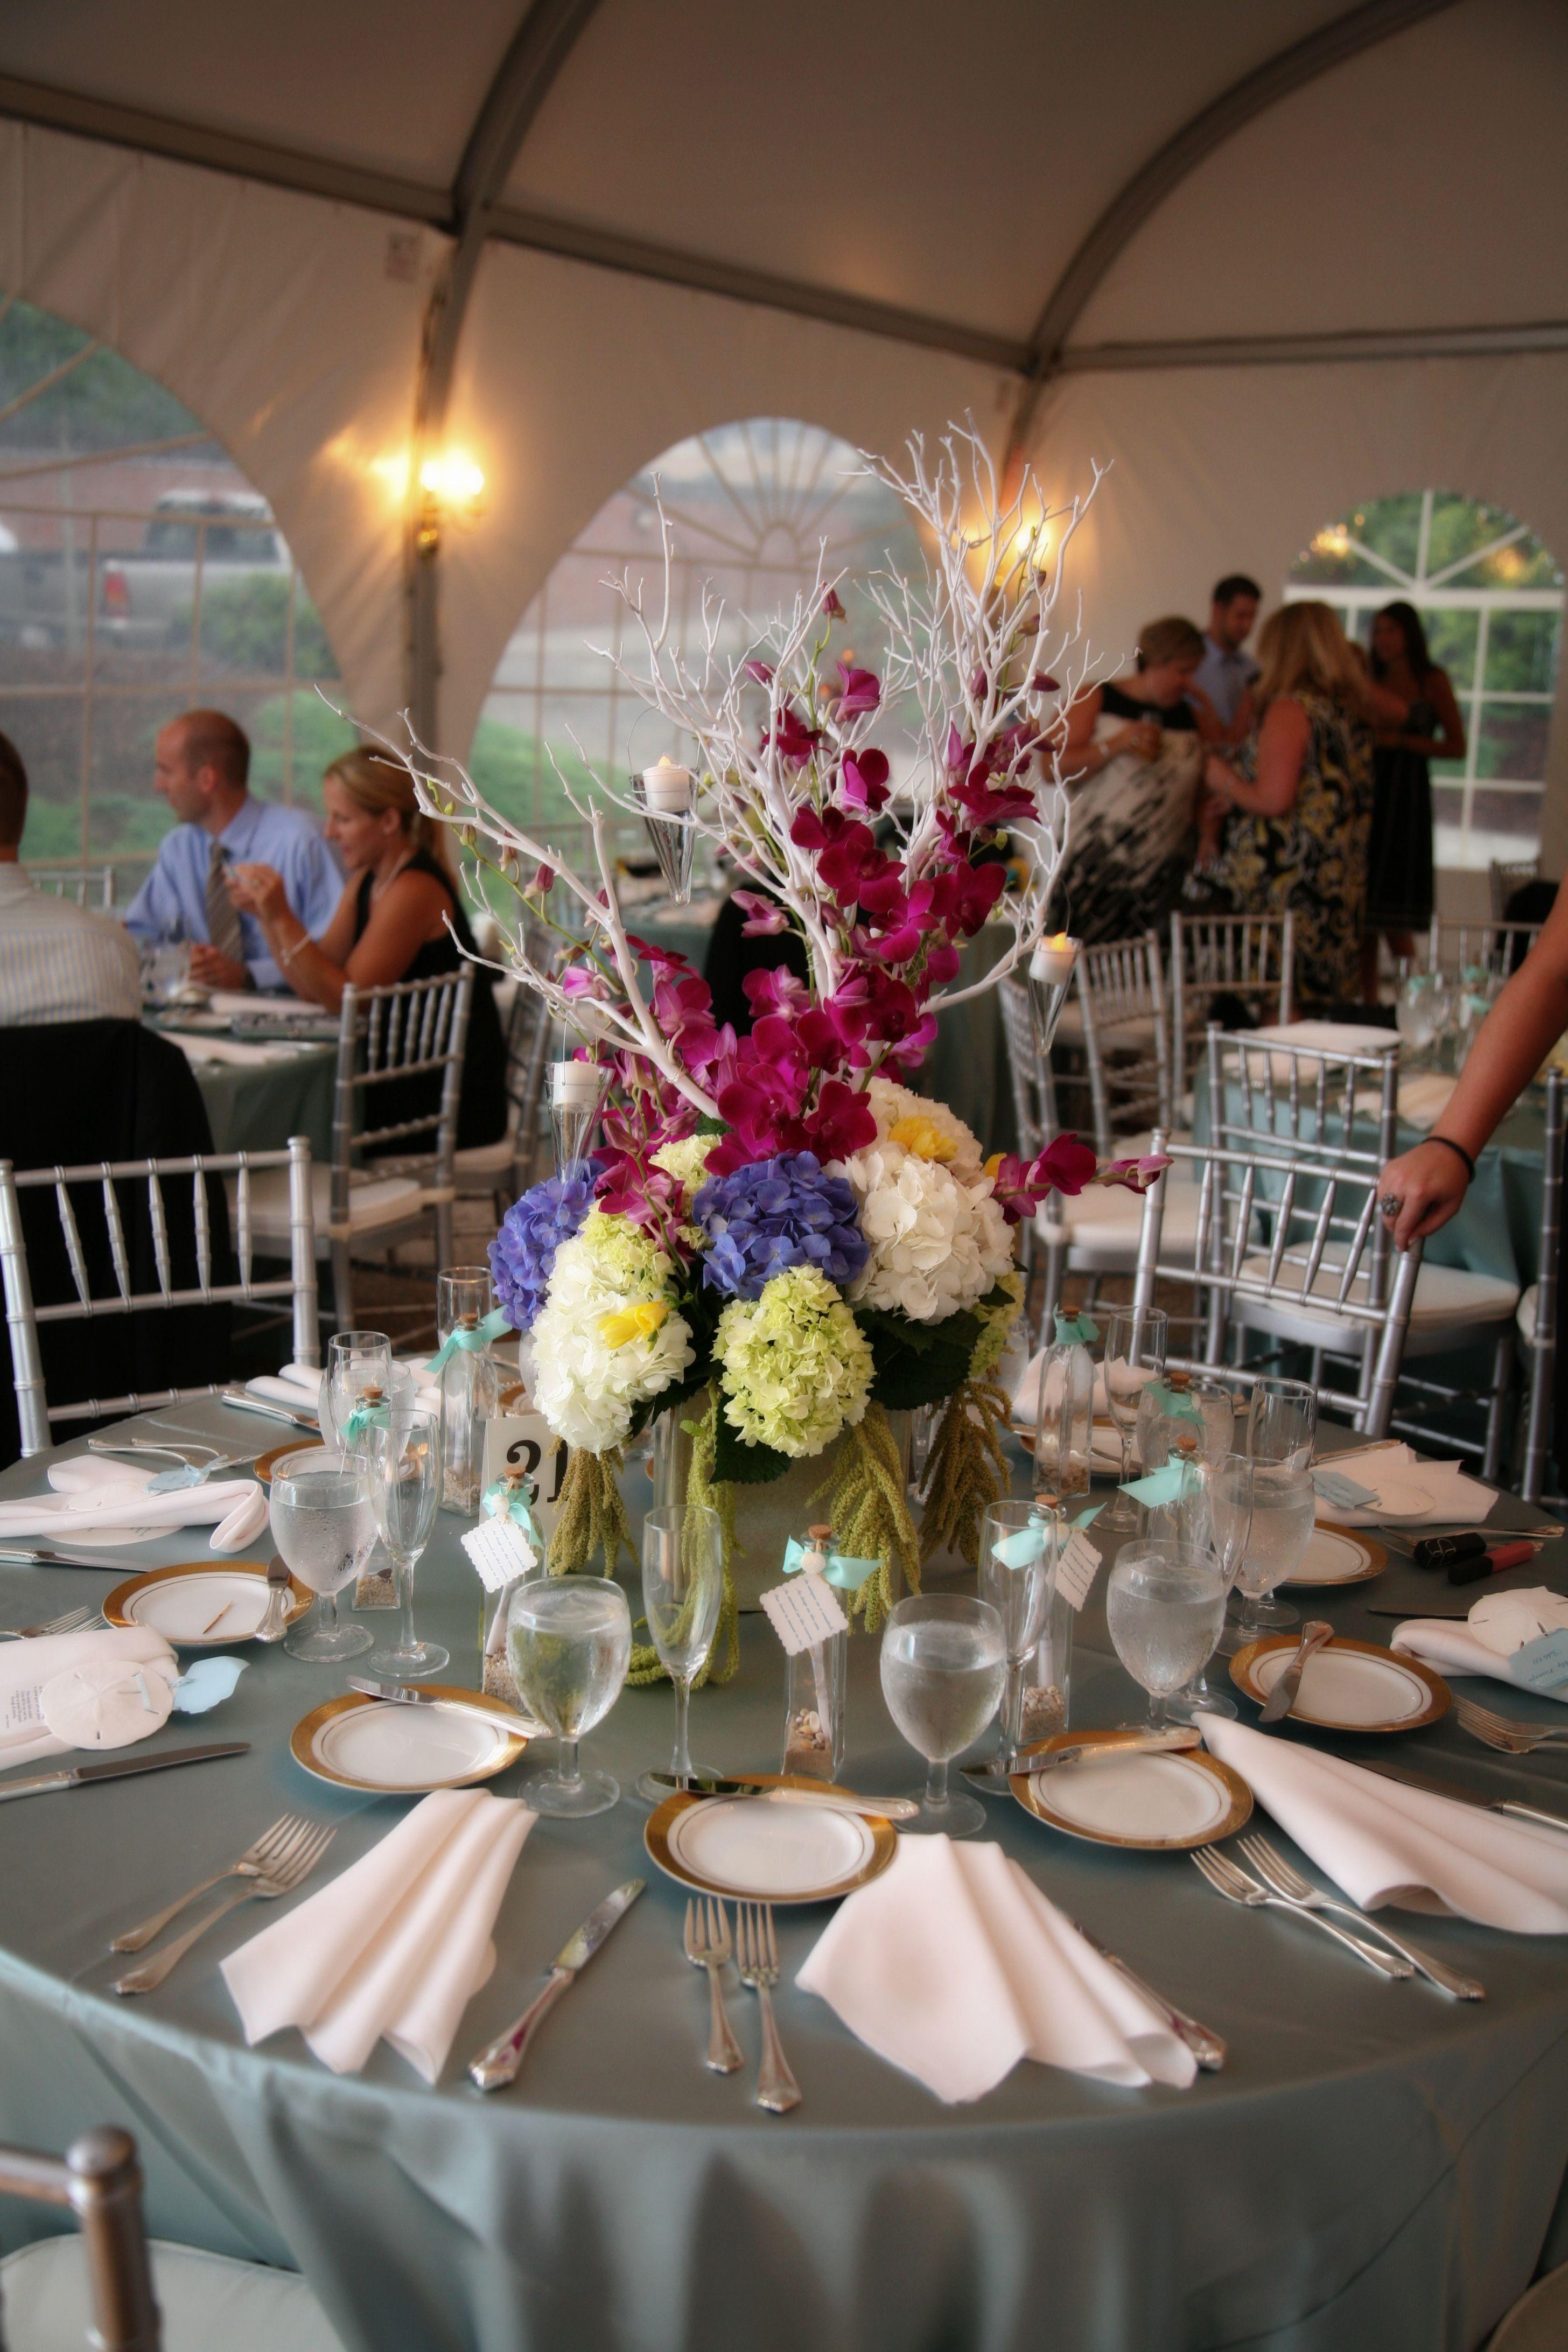 Misselwood at endicott college wedding venues